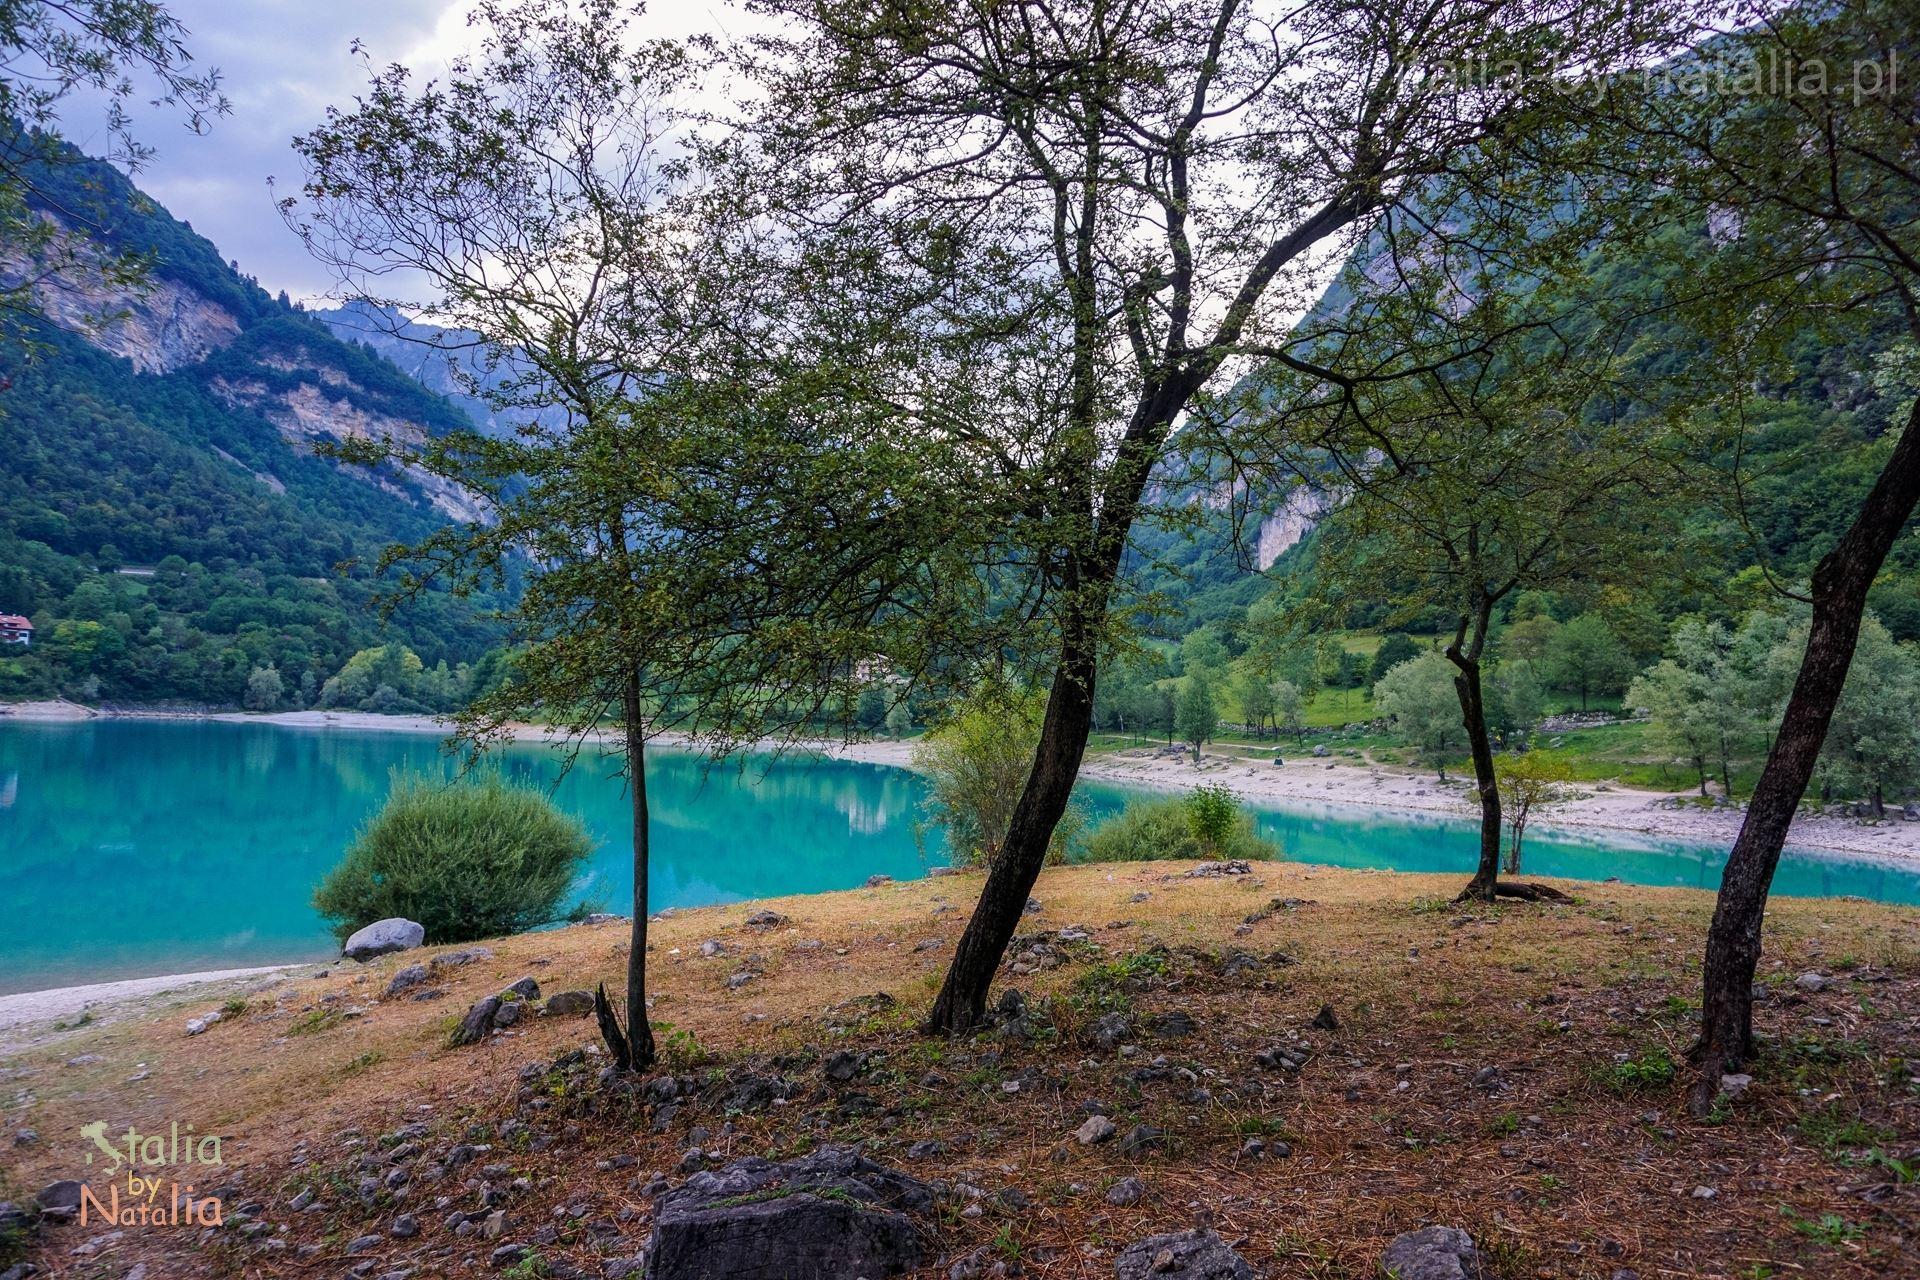 lago di tenno garda trentino lake jezioro Canale Tenno Varone